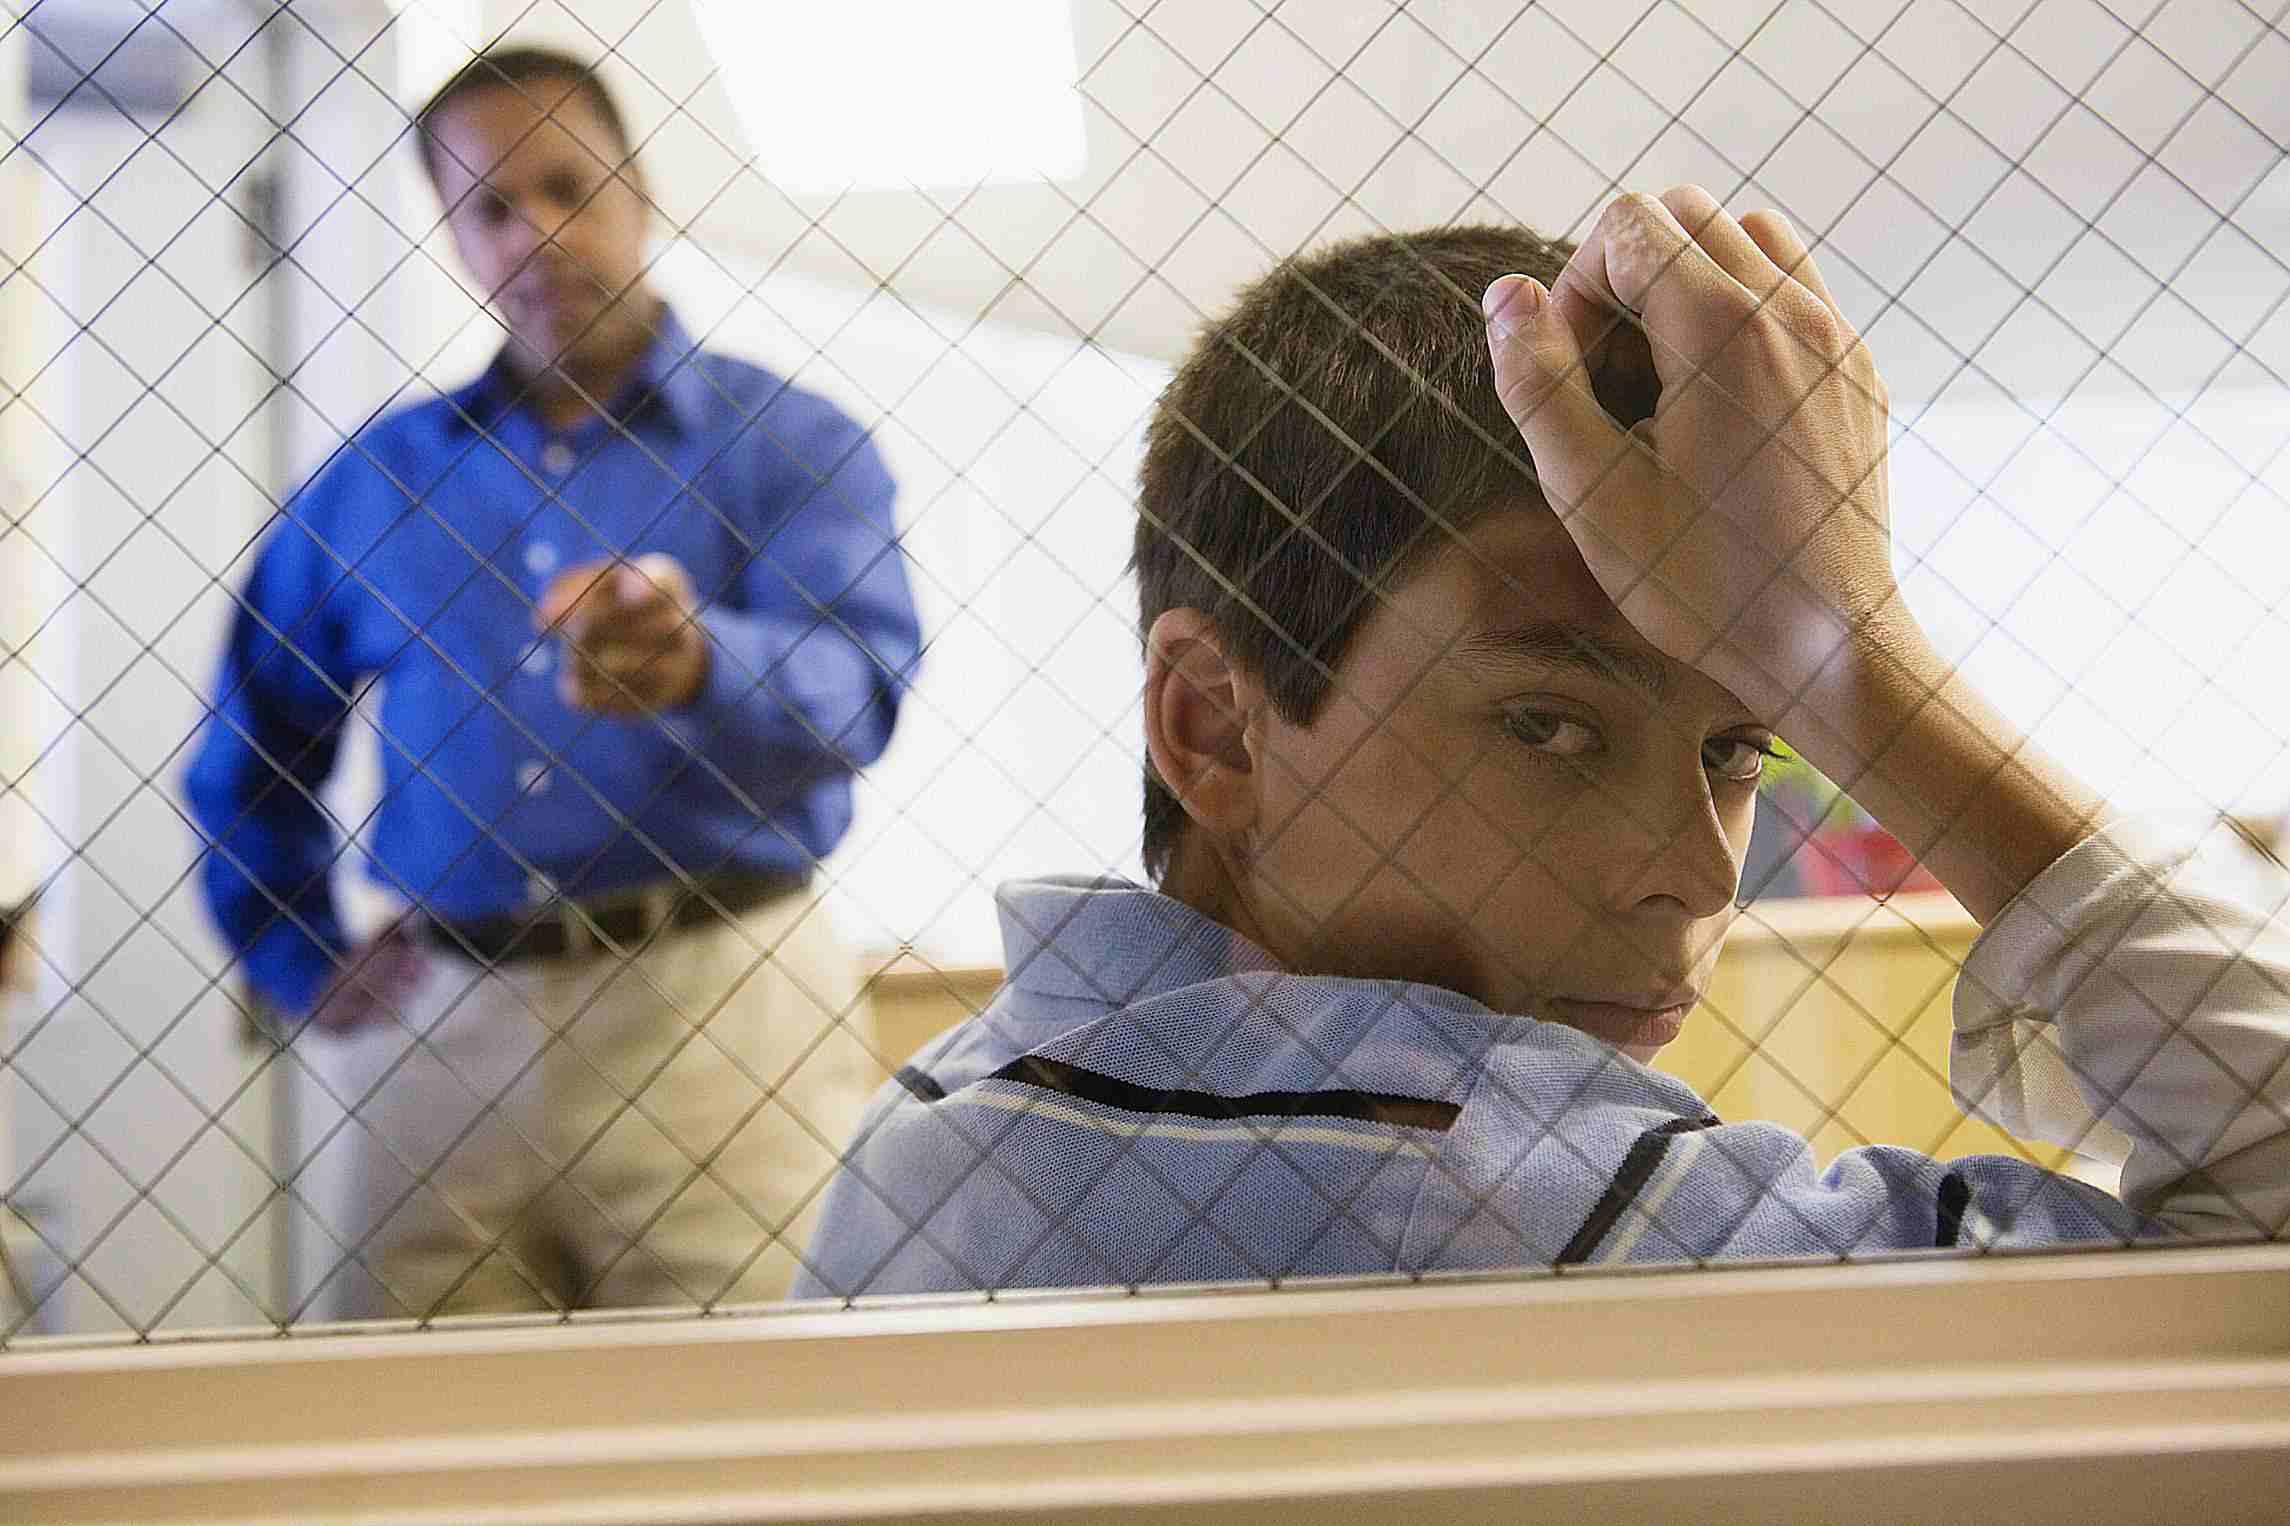 teacher Disciplining a Student